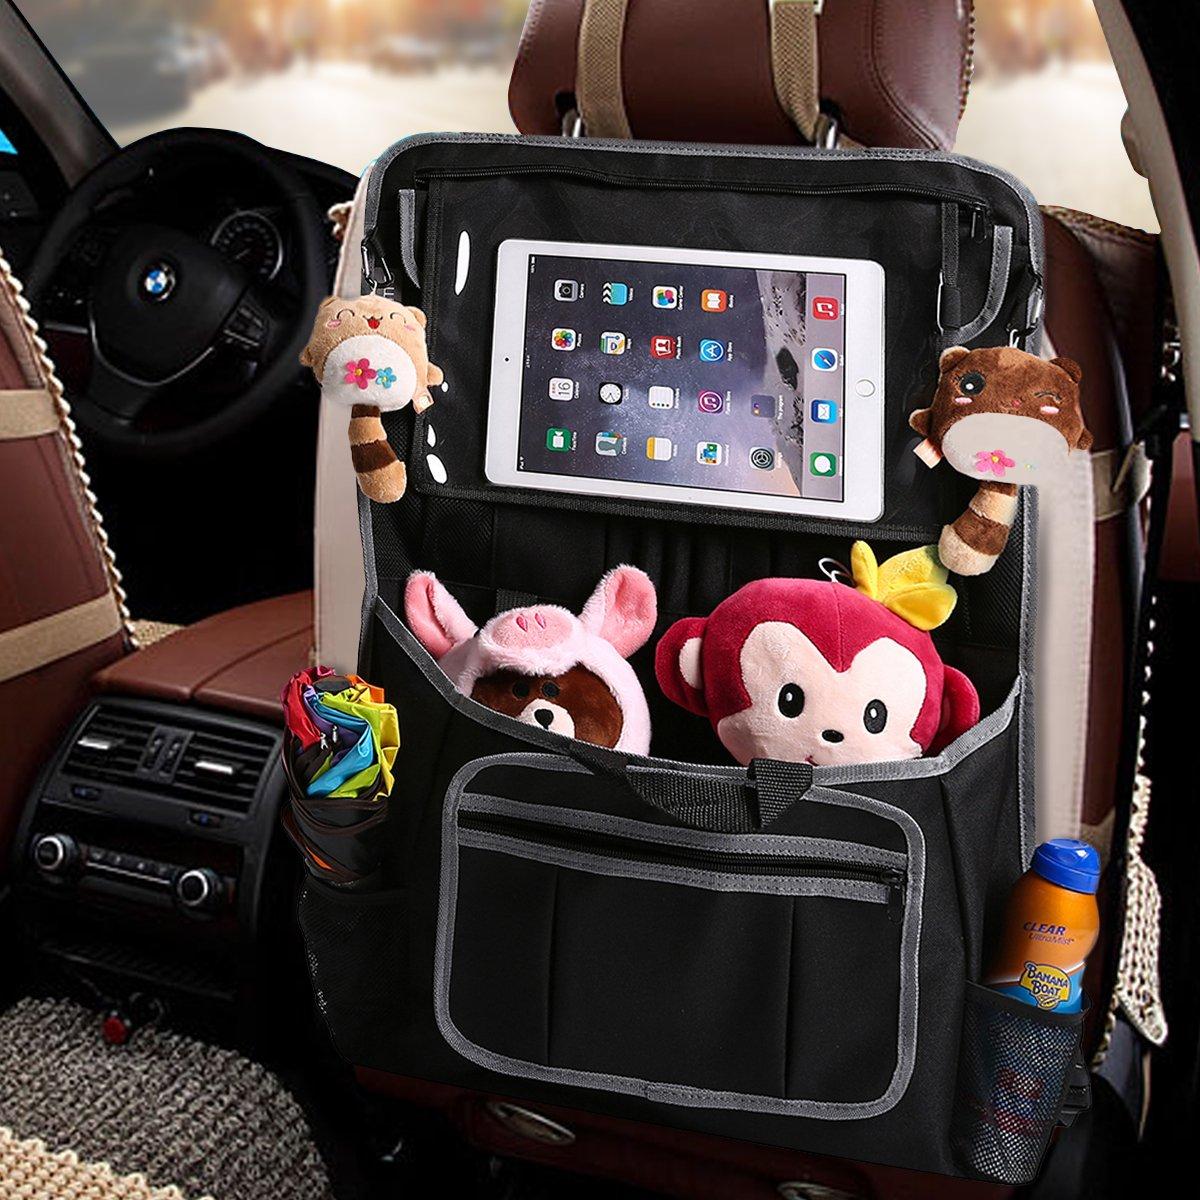 Auto Organizer f/ür Baby Papierhandt/ücher 61 x 43cm 600D Oxford-Tuch f/ür Zeitschriften GEMITTO Auto R/ückenlehnenschutz Kinder Spielzeug Lagerung mit Gro/ße Taschen und Durchsichtigem iPad